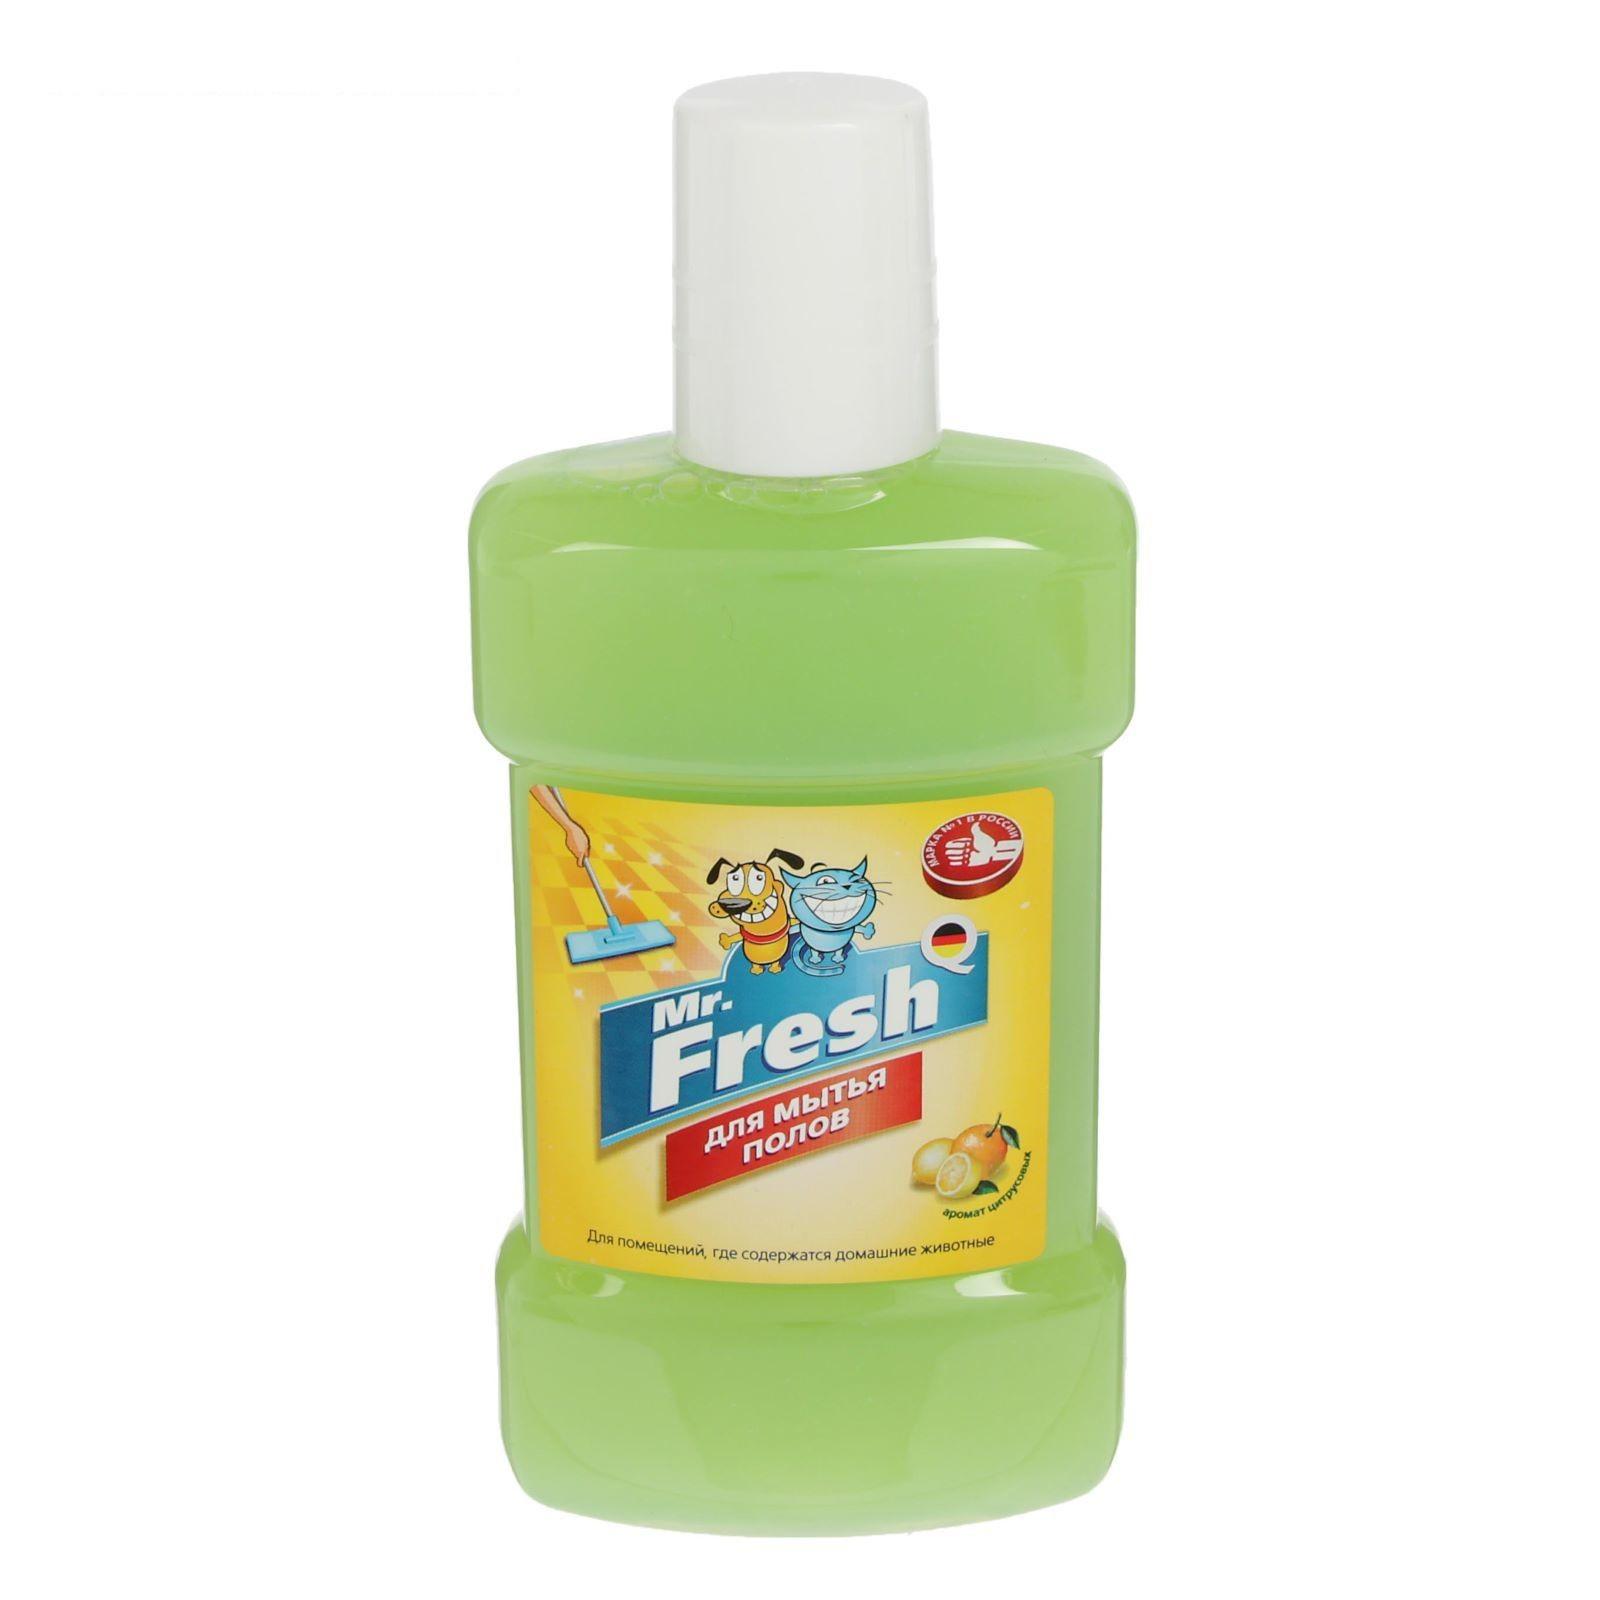 Mr. Fresh средство для мытья полов 300мл